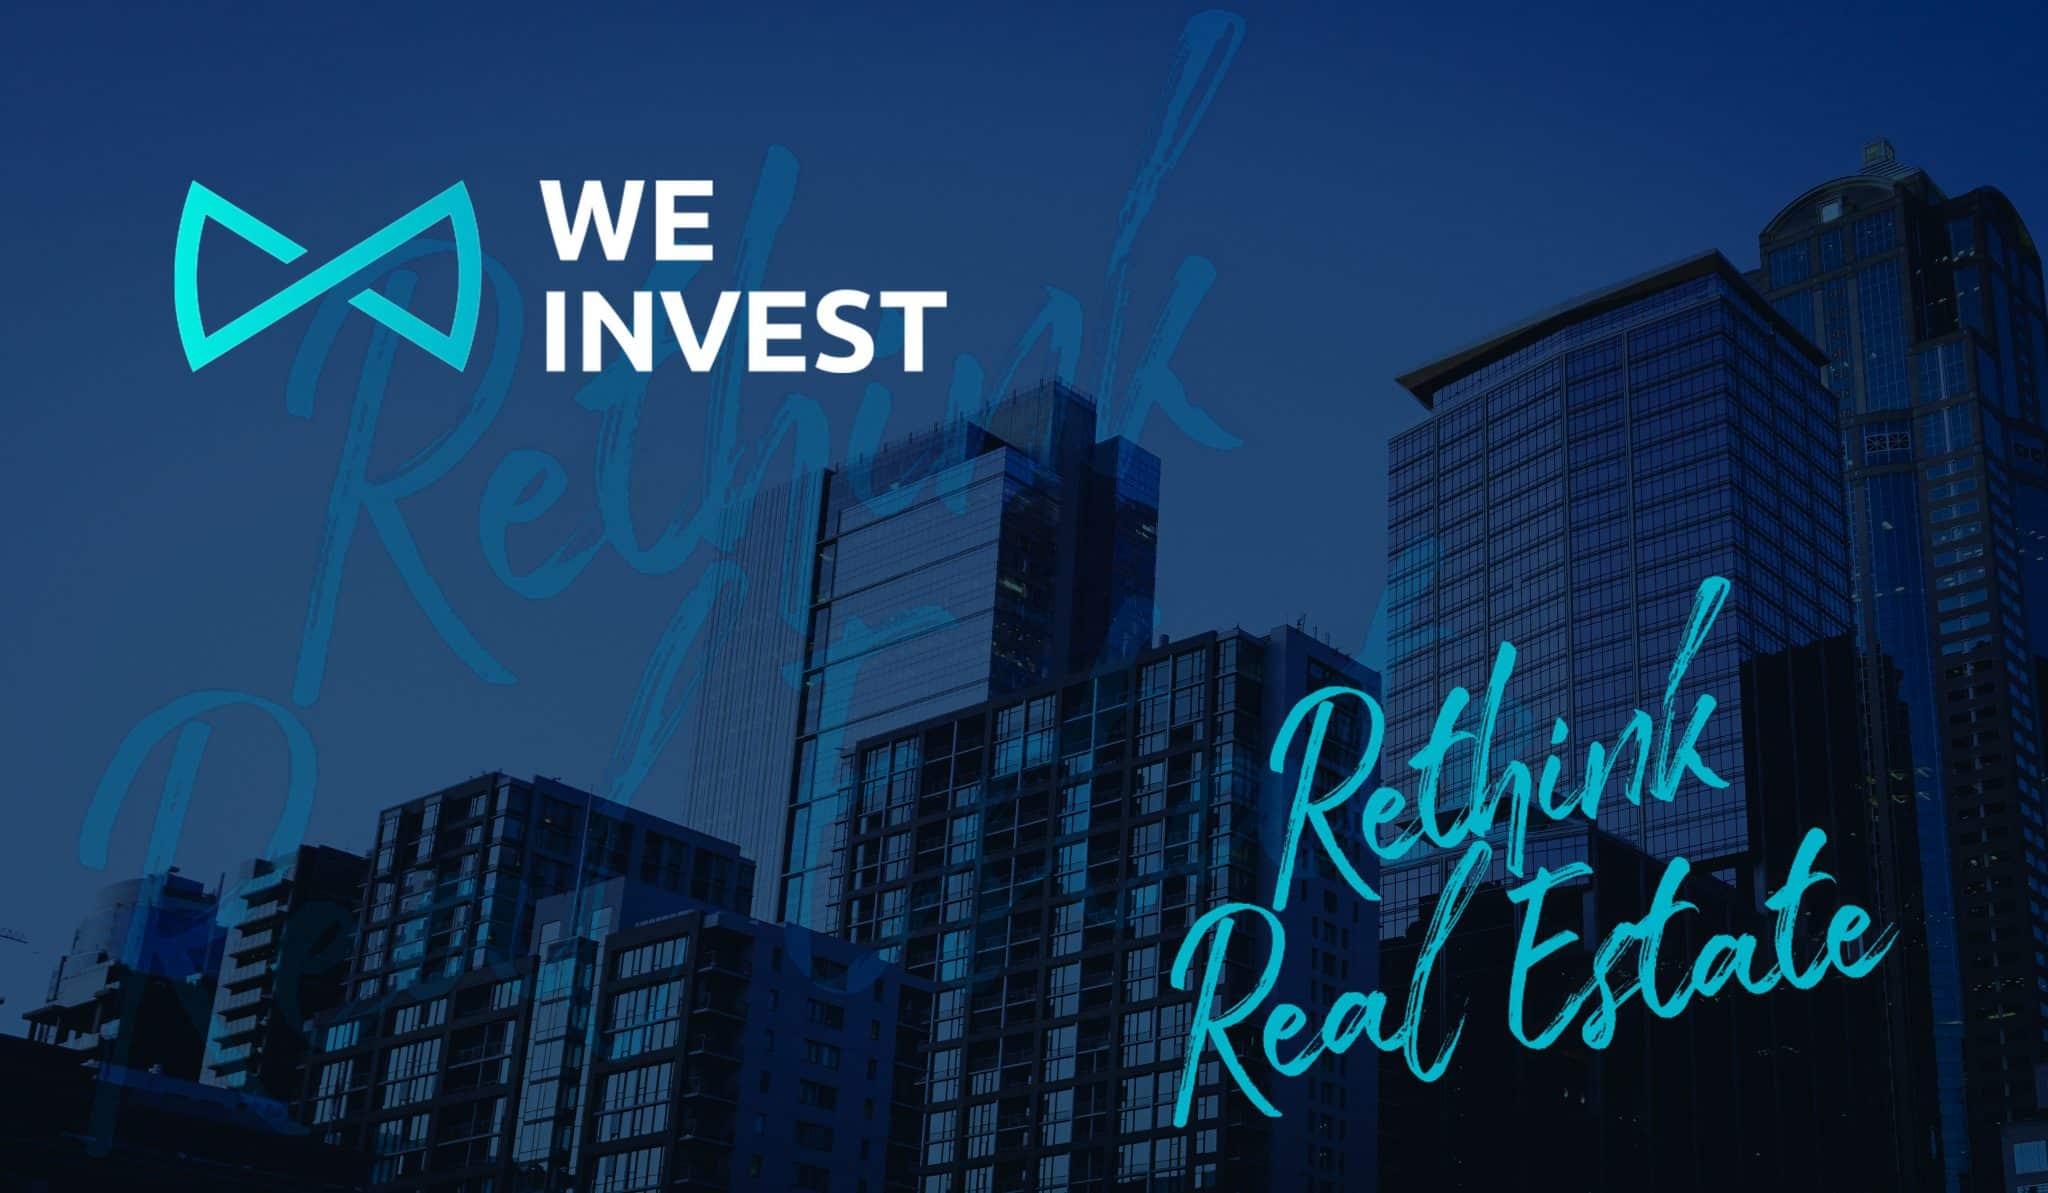 We Invest réseau immobilier d'agences immobilières en Belgique